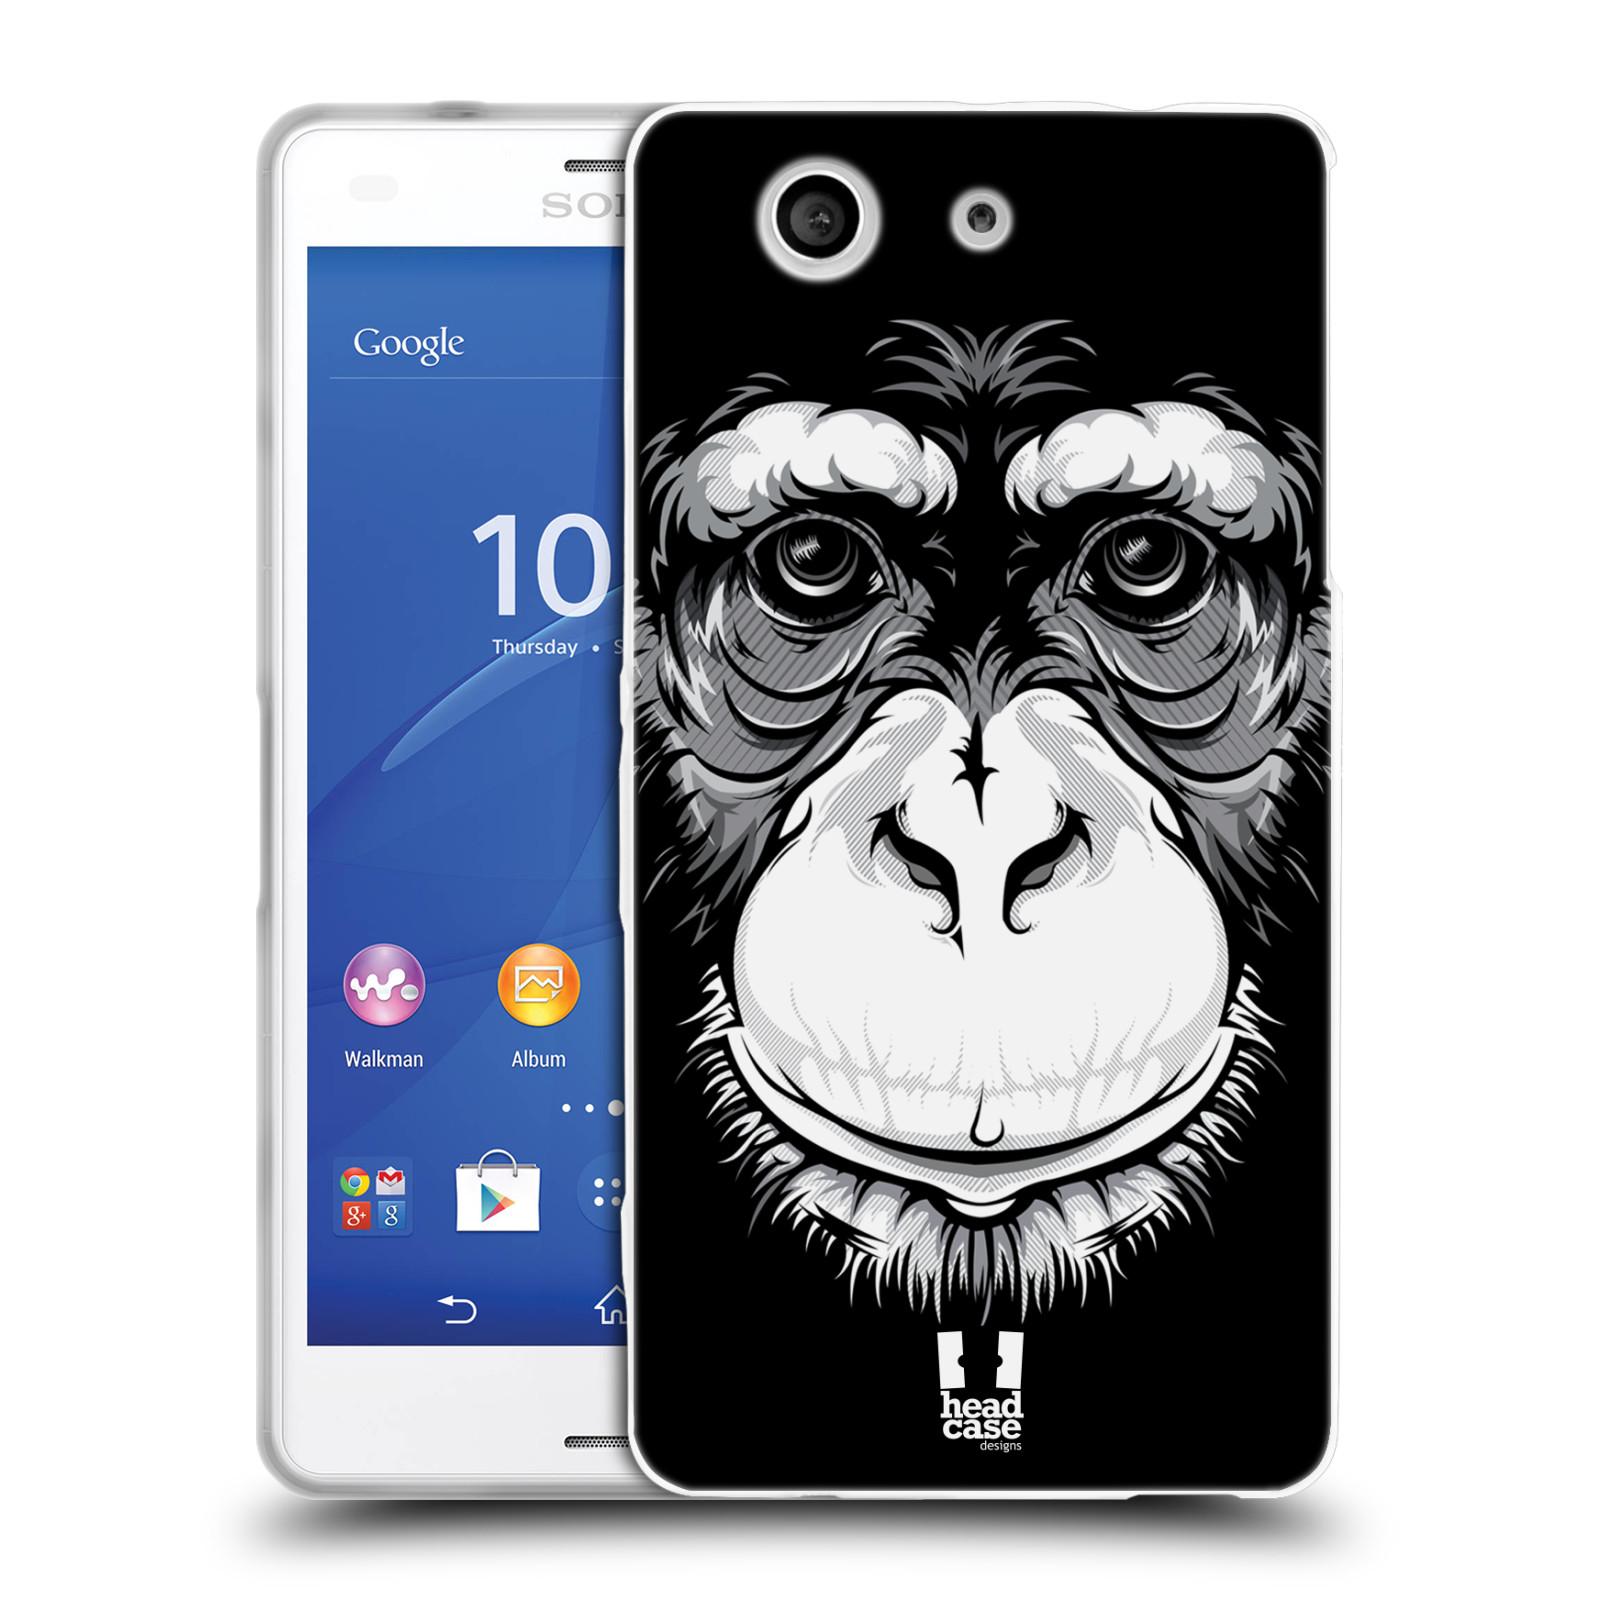 HEAD CASE silikonový obal na mobil Sony Xperia Z3 COMPACT (D5803) vzor Zvíře kreslená tvář šimpanz